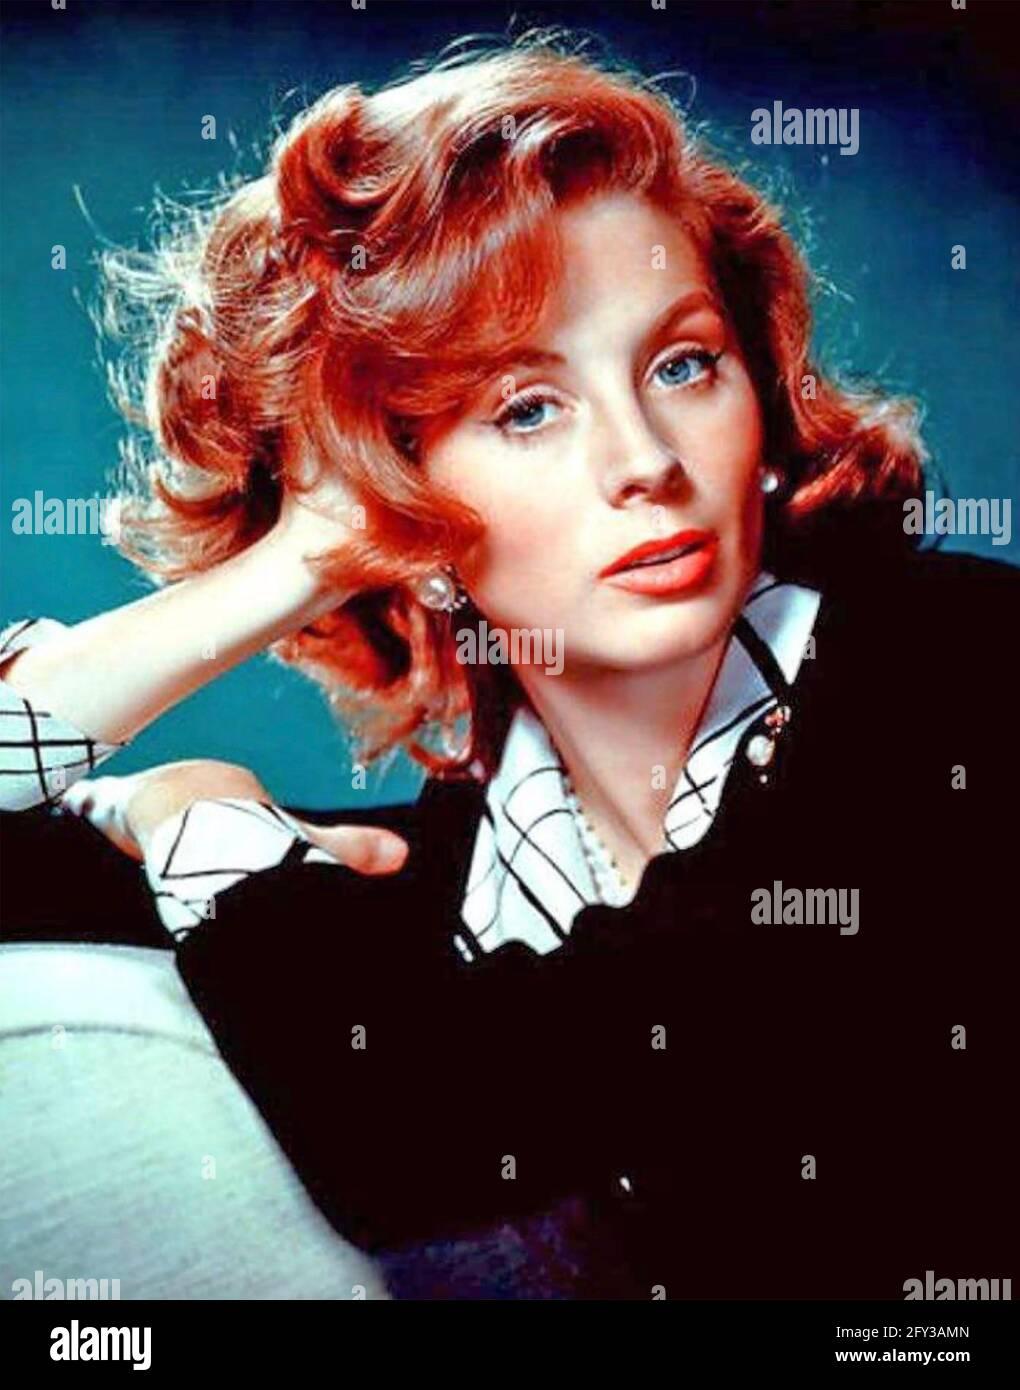 SUZY PARKER (1932-2003) modèle américain et actrice de film vers 1964 Banque D'Images